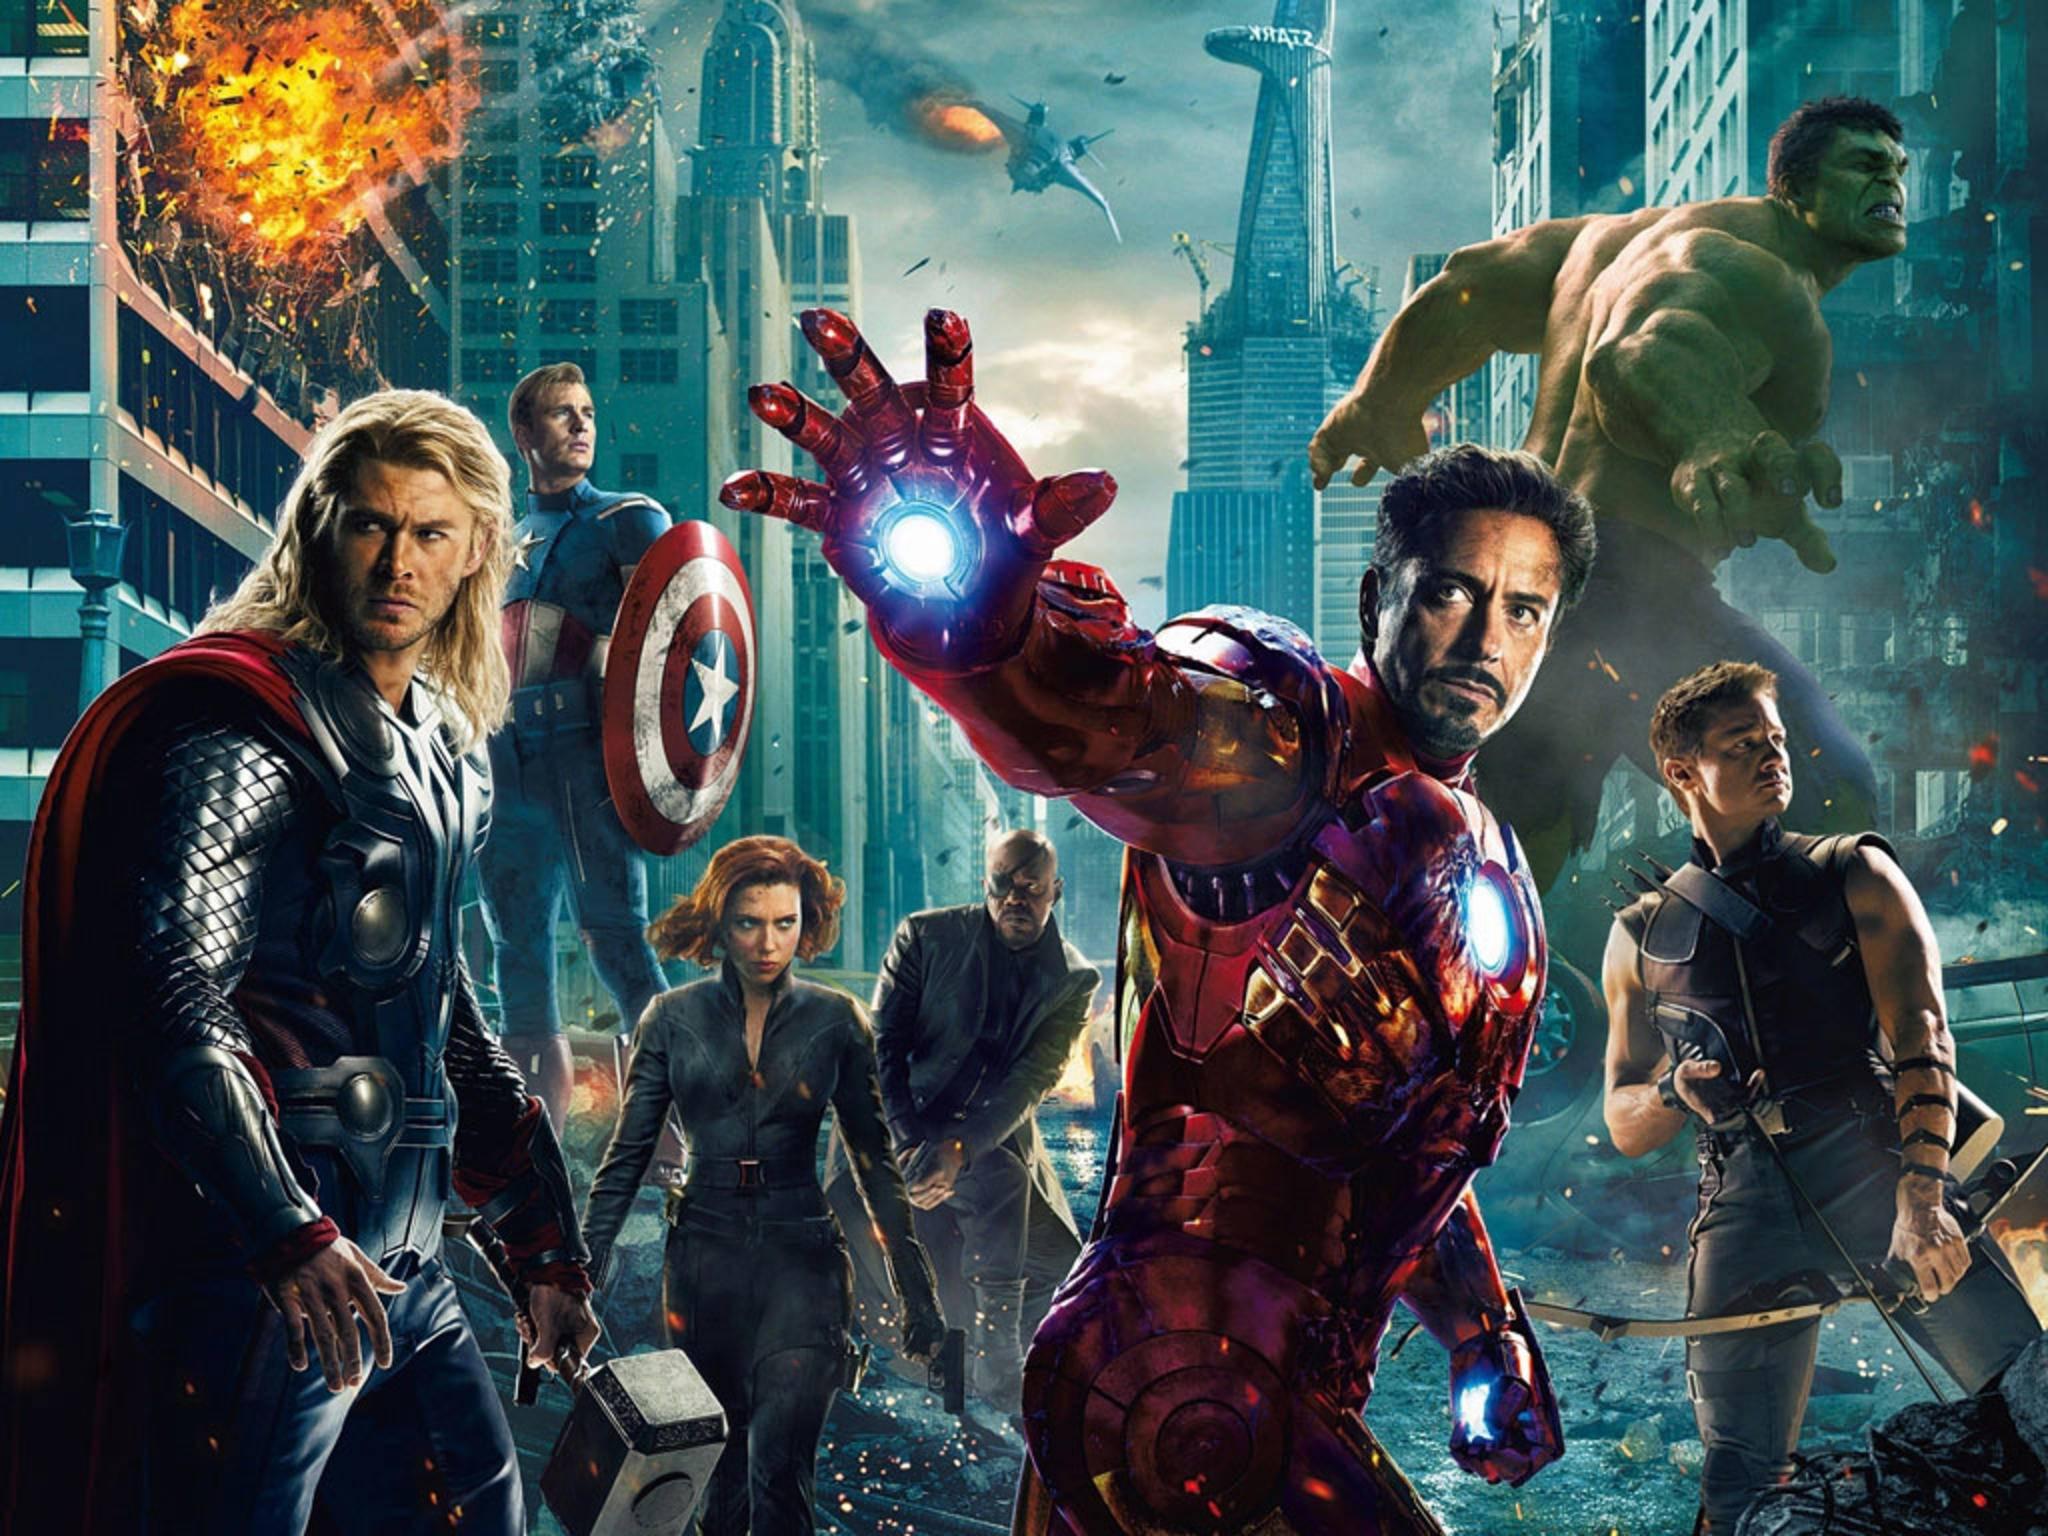 Ein einziger neuer Marvel-Film ist nicht genug: Die Avengers stehen gleich mit zwei Blockbustern in den Startlöchern.